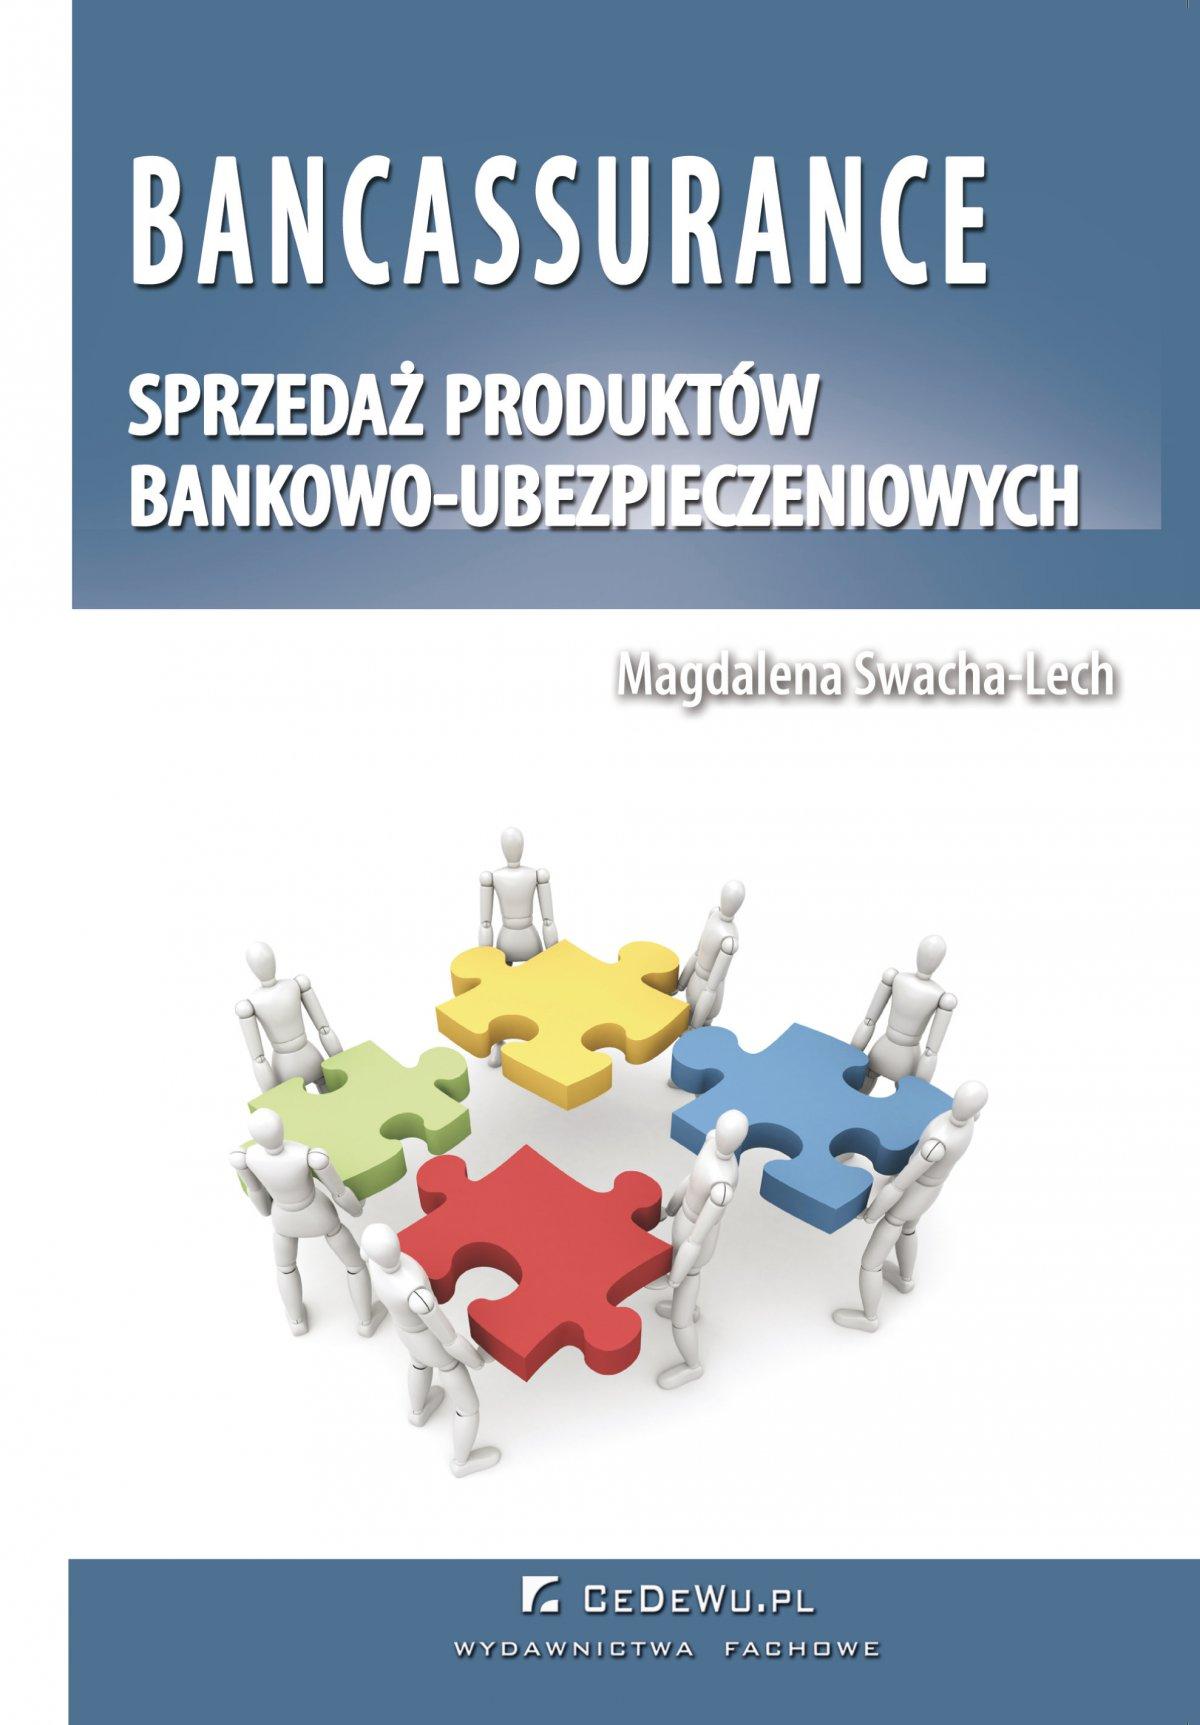 Bancassurance. Sprzedaż produktów bankowo-ubezpieczeniowych. Rozdział 2. Analiza powiązań bankowo-ubezpieczeniowych typu bancassurance w wybranych krajach europejskich - Ebook (Książka PDF) do pobrania w formacie PDF